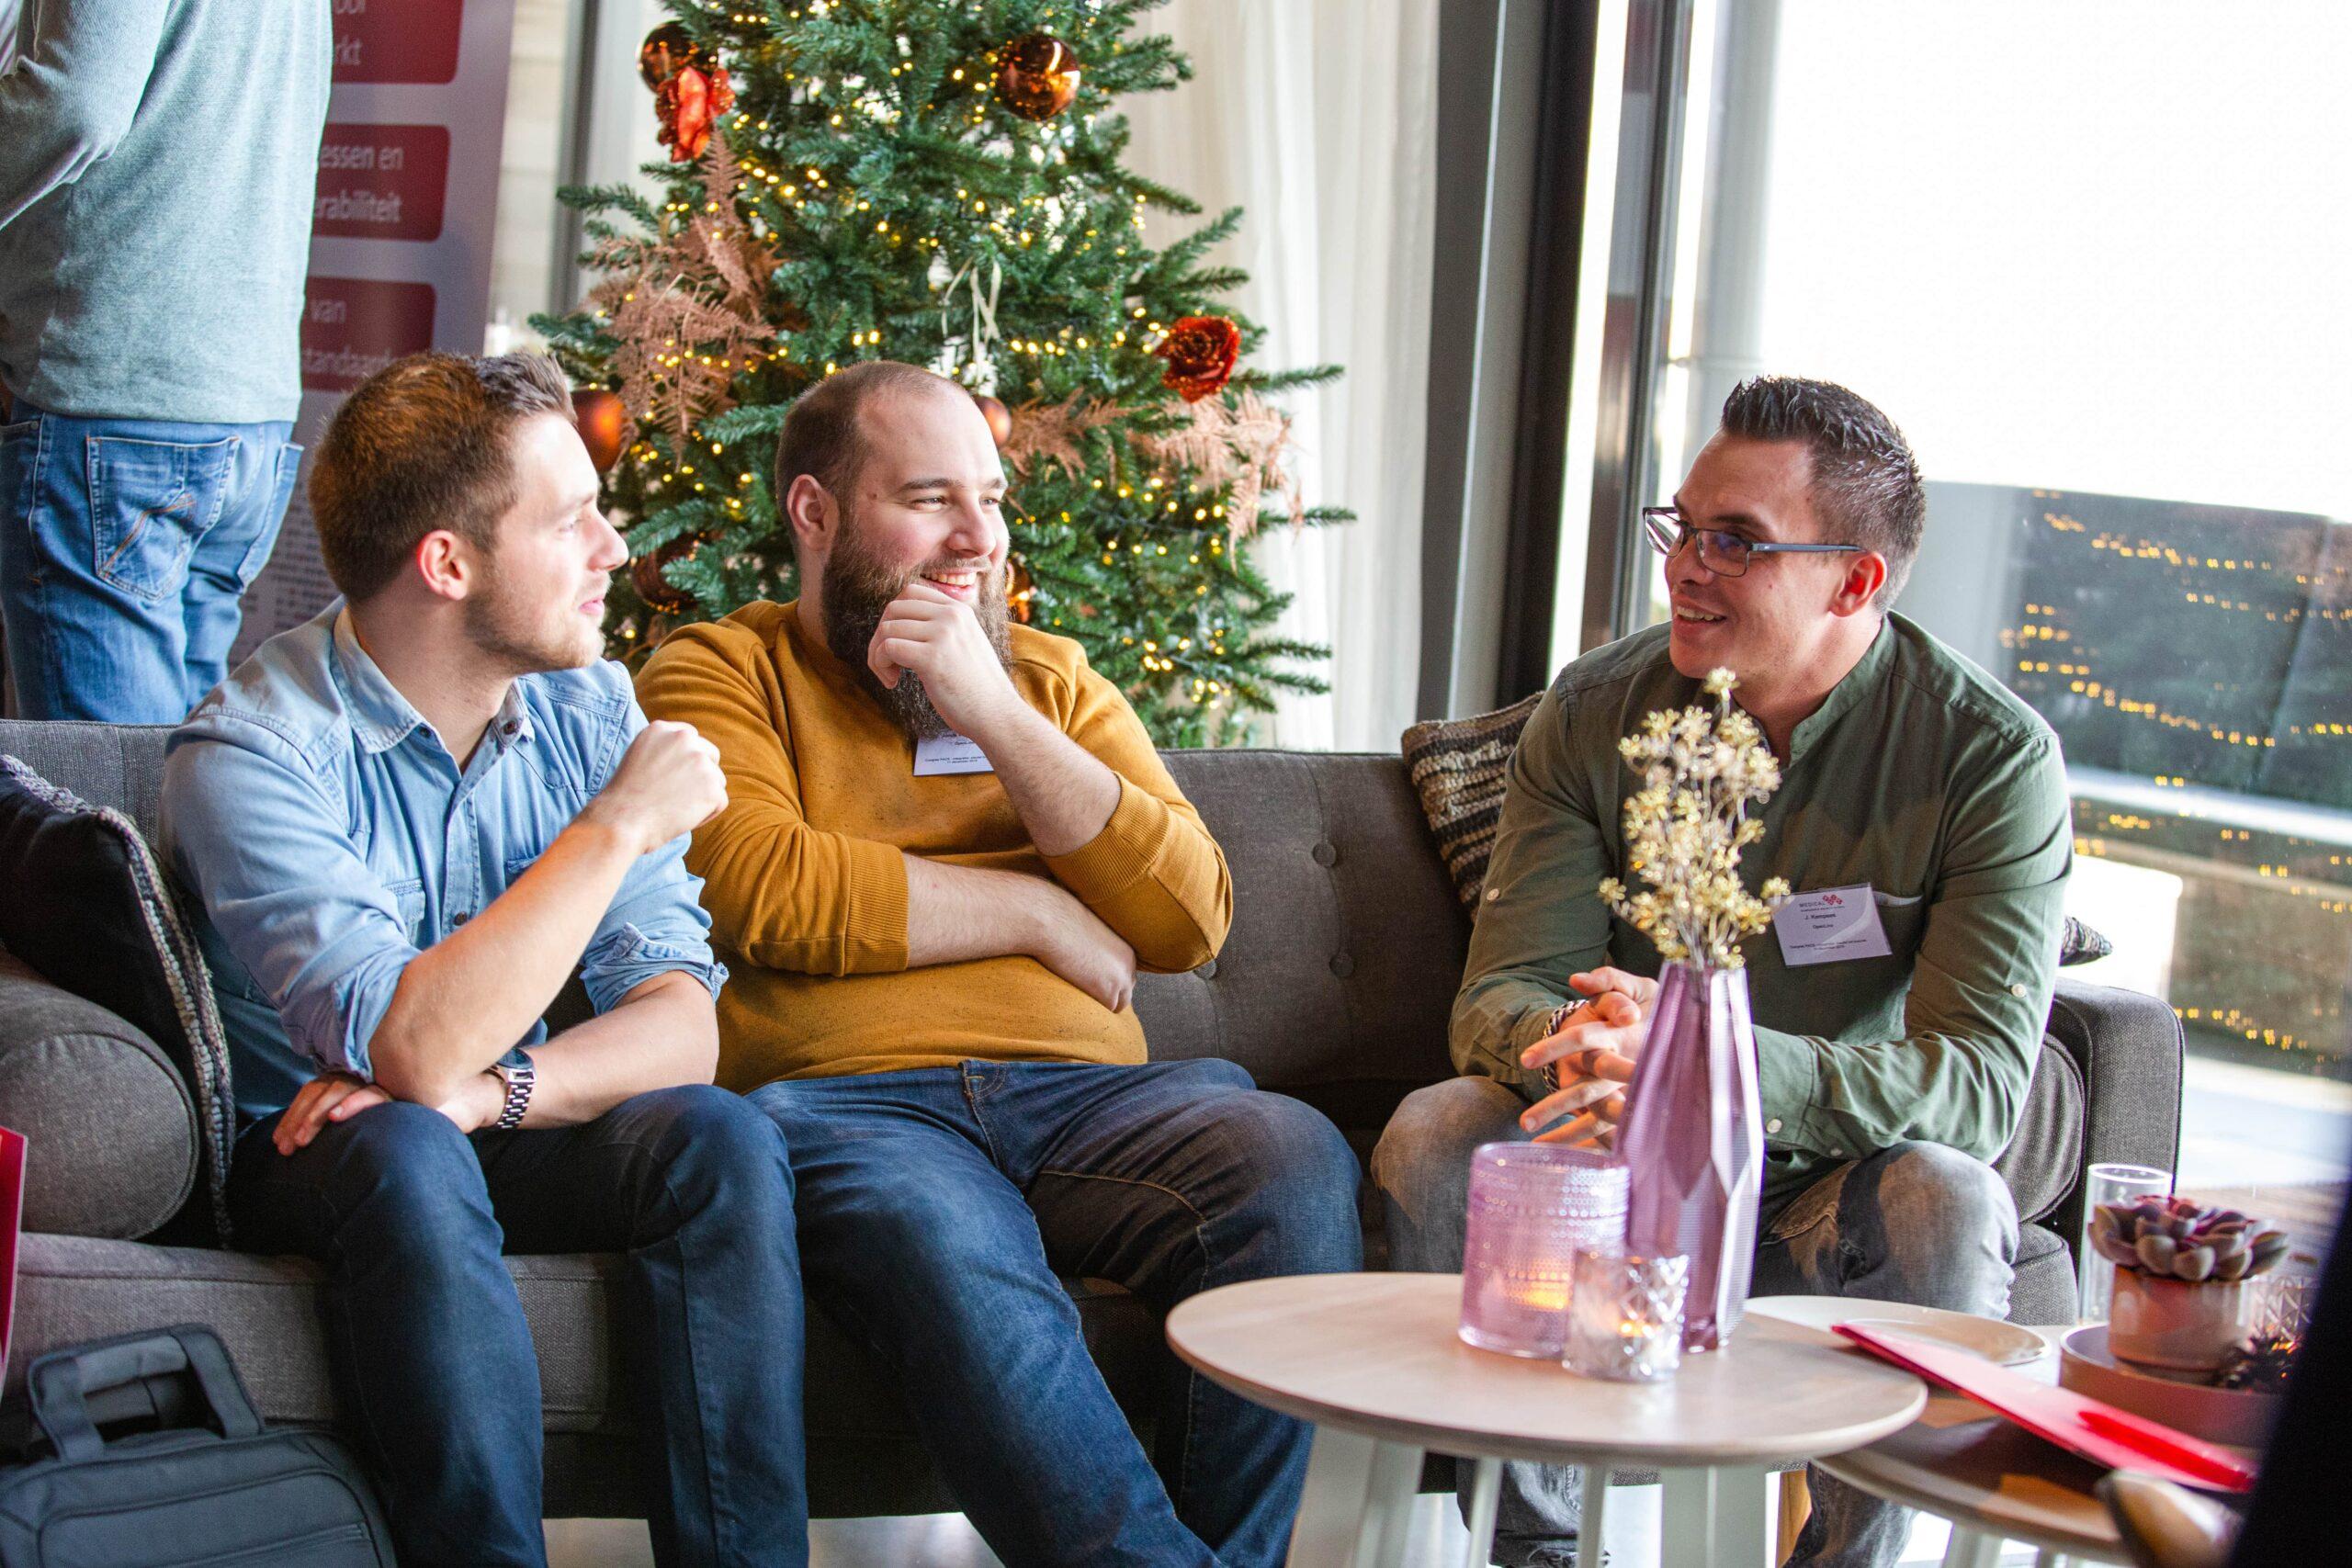 drie mannen zitten op een bank te praten